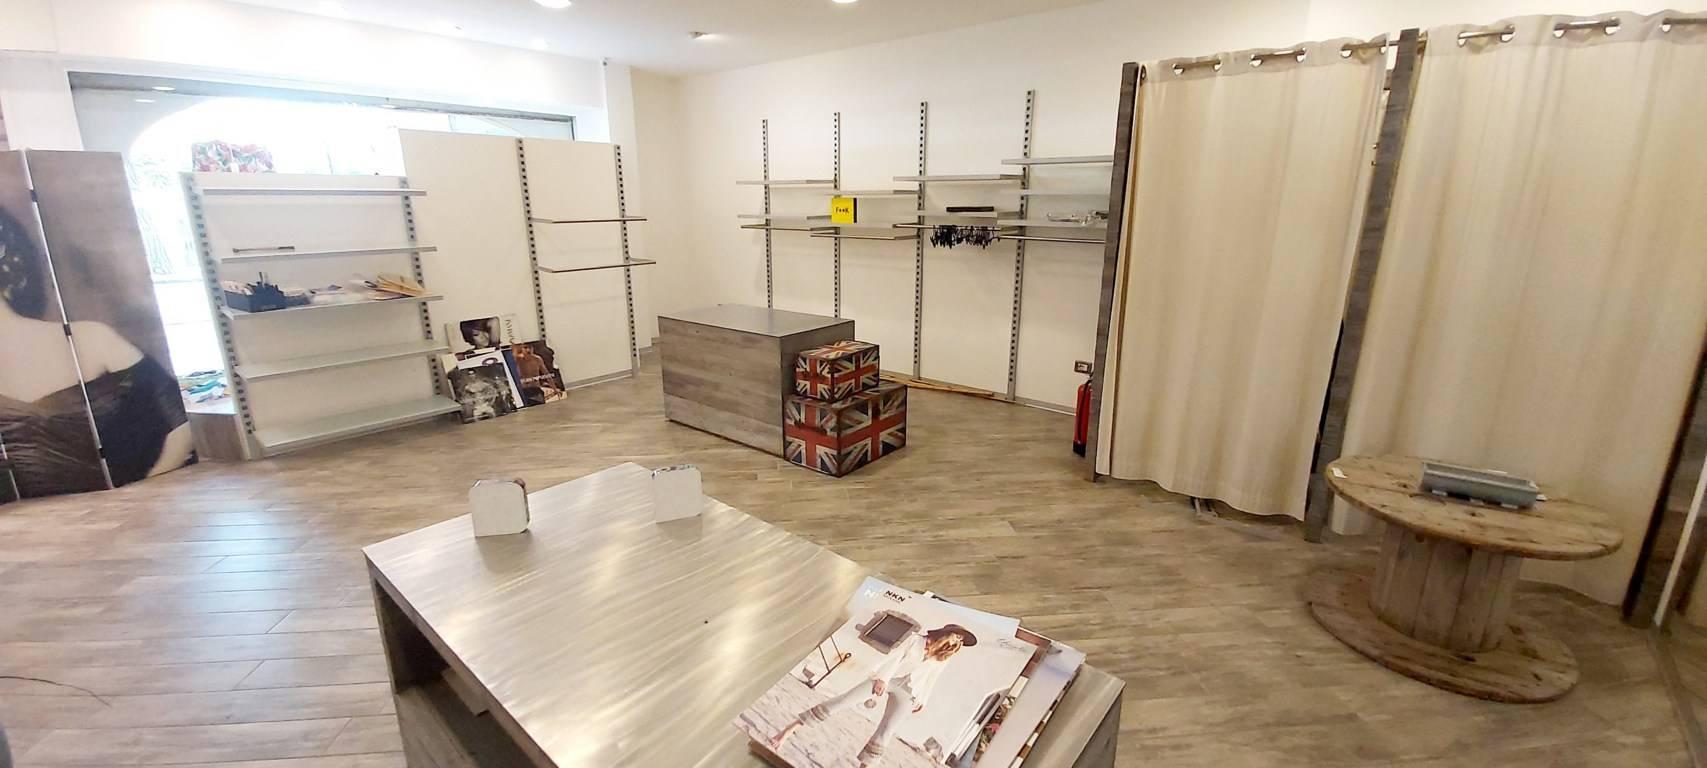 Negozio / Locale in affitto a Jesolo, 9999 locali, prezzo € 25.000 | CambioCasa.it